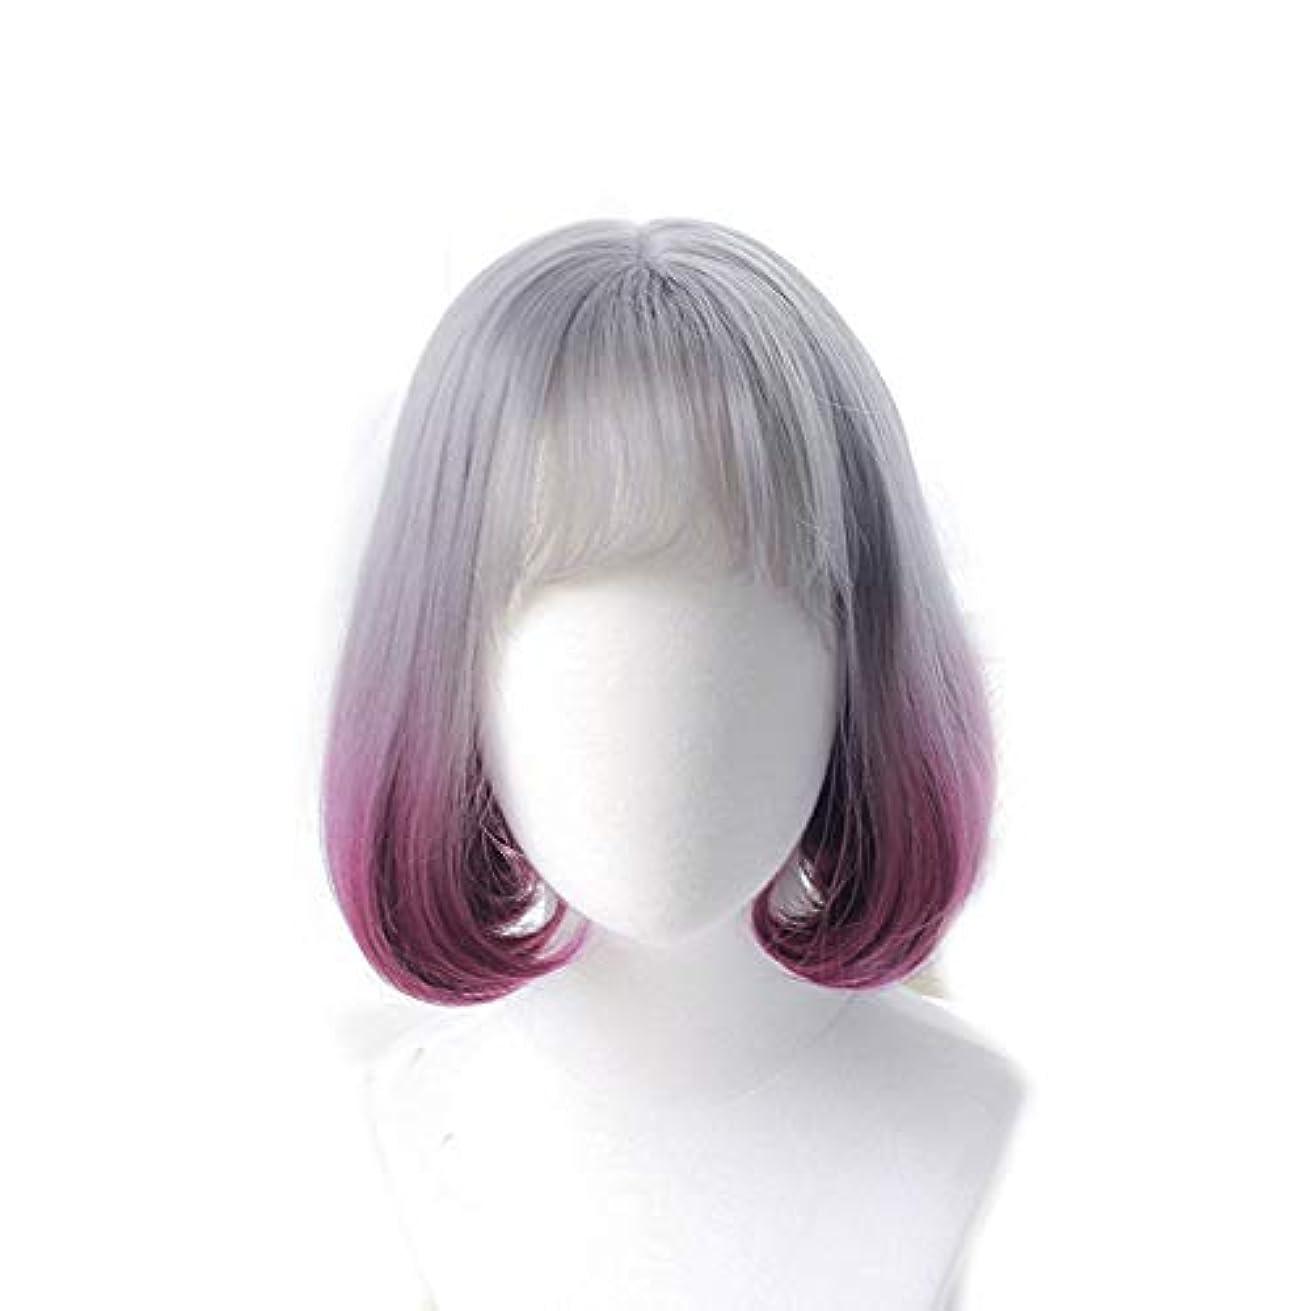 ペパーミント彼女自身に賛成WASAIO コスプレウィッグ波状ショート美しいボブアクセサリースタイル交換用ファイバーロングカーリー合成前髪アニメパーティー女性用(スモークグレーグラデーション) (色 : Photo Color)